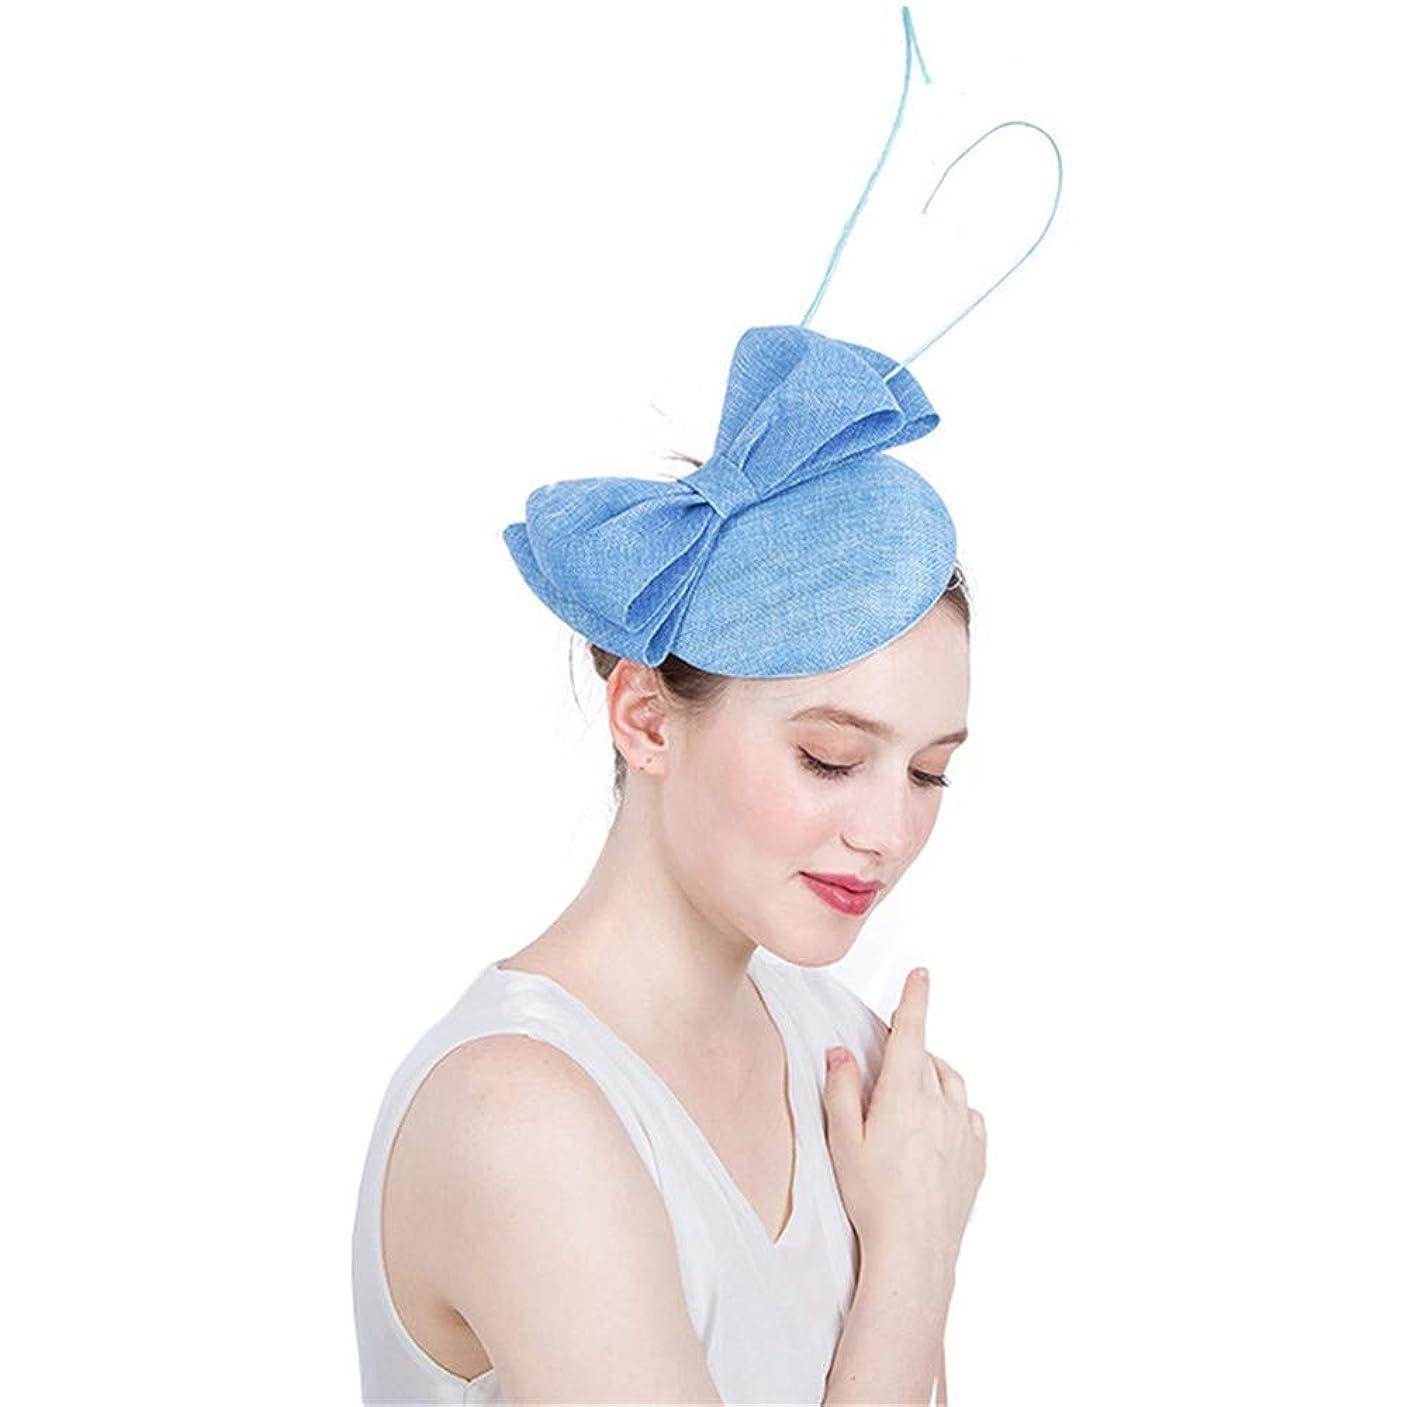 失速エジプト人上流の女性の魅力的な帽子 女性のエレガントなSinamay魅惑的な帽子ブライダル羽ヘアクリップアクセサリーカクテルロイヤルアスコット (色 : 黄)